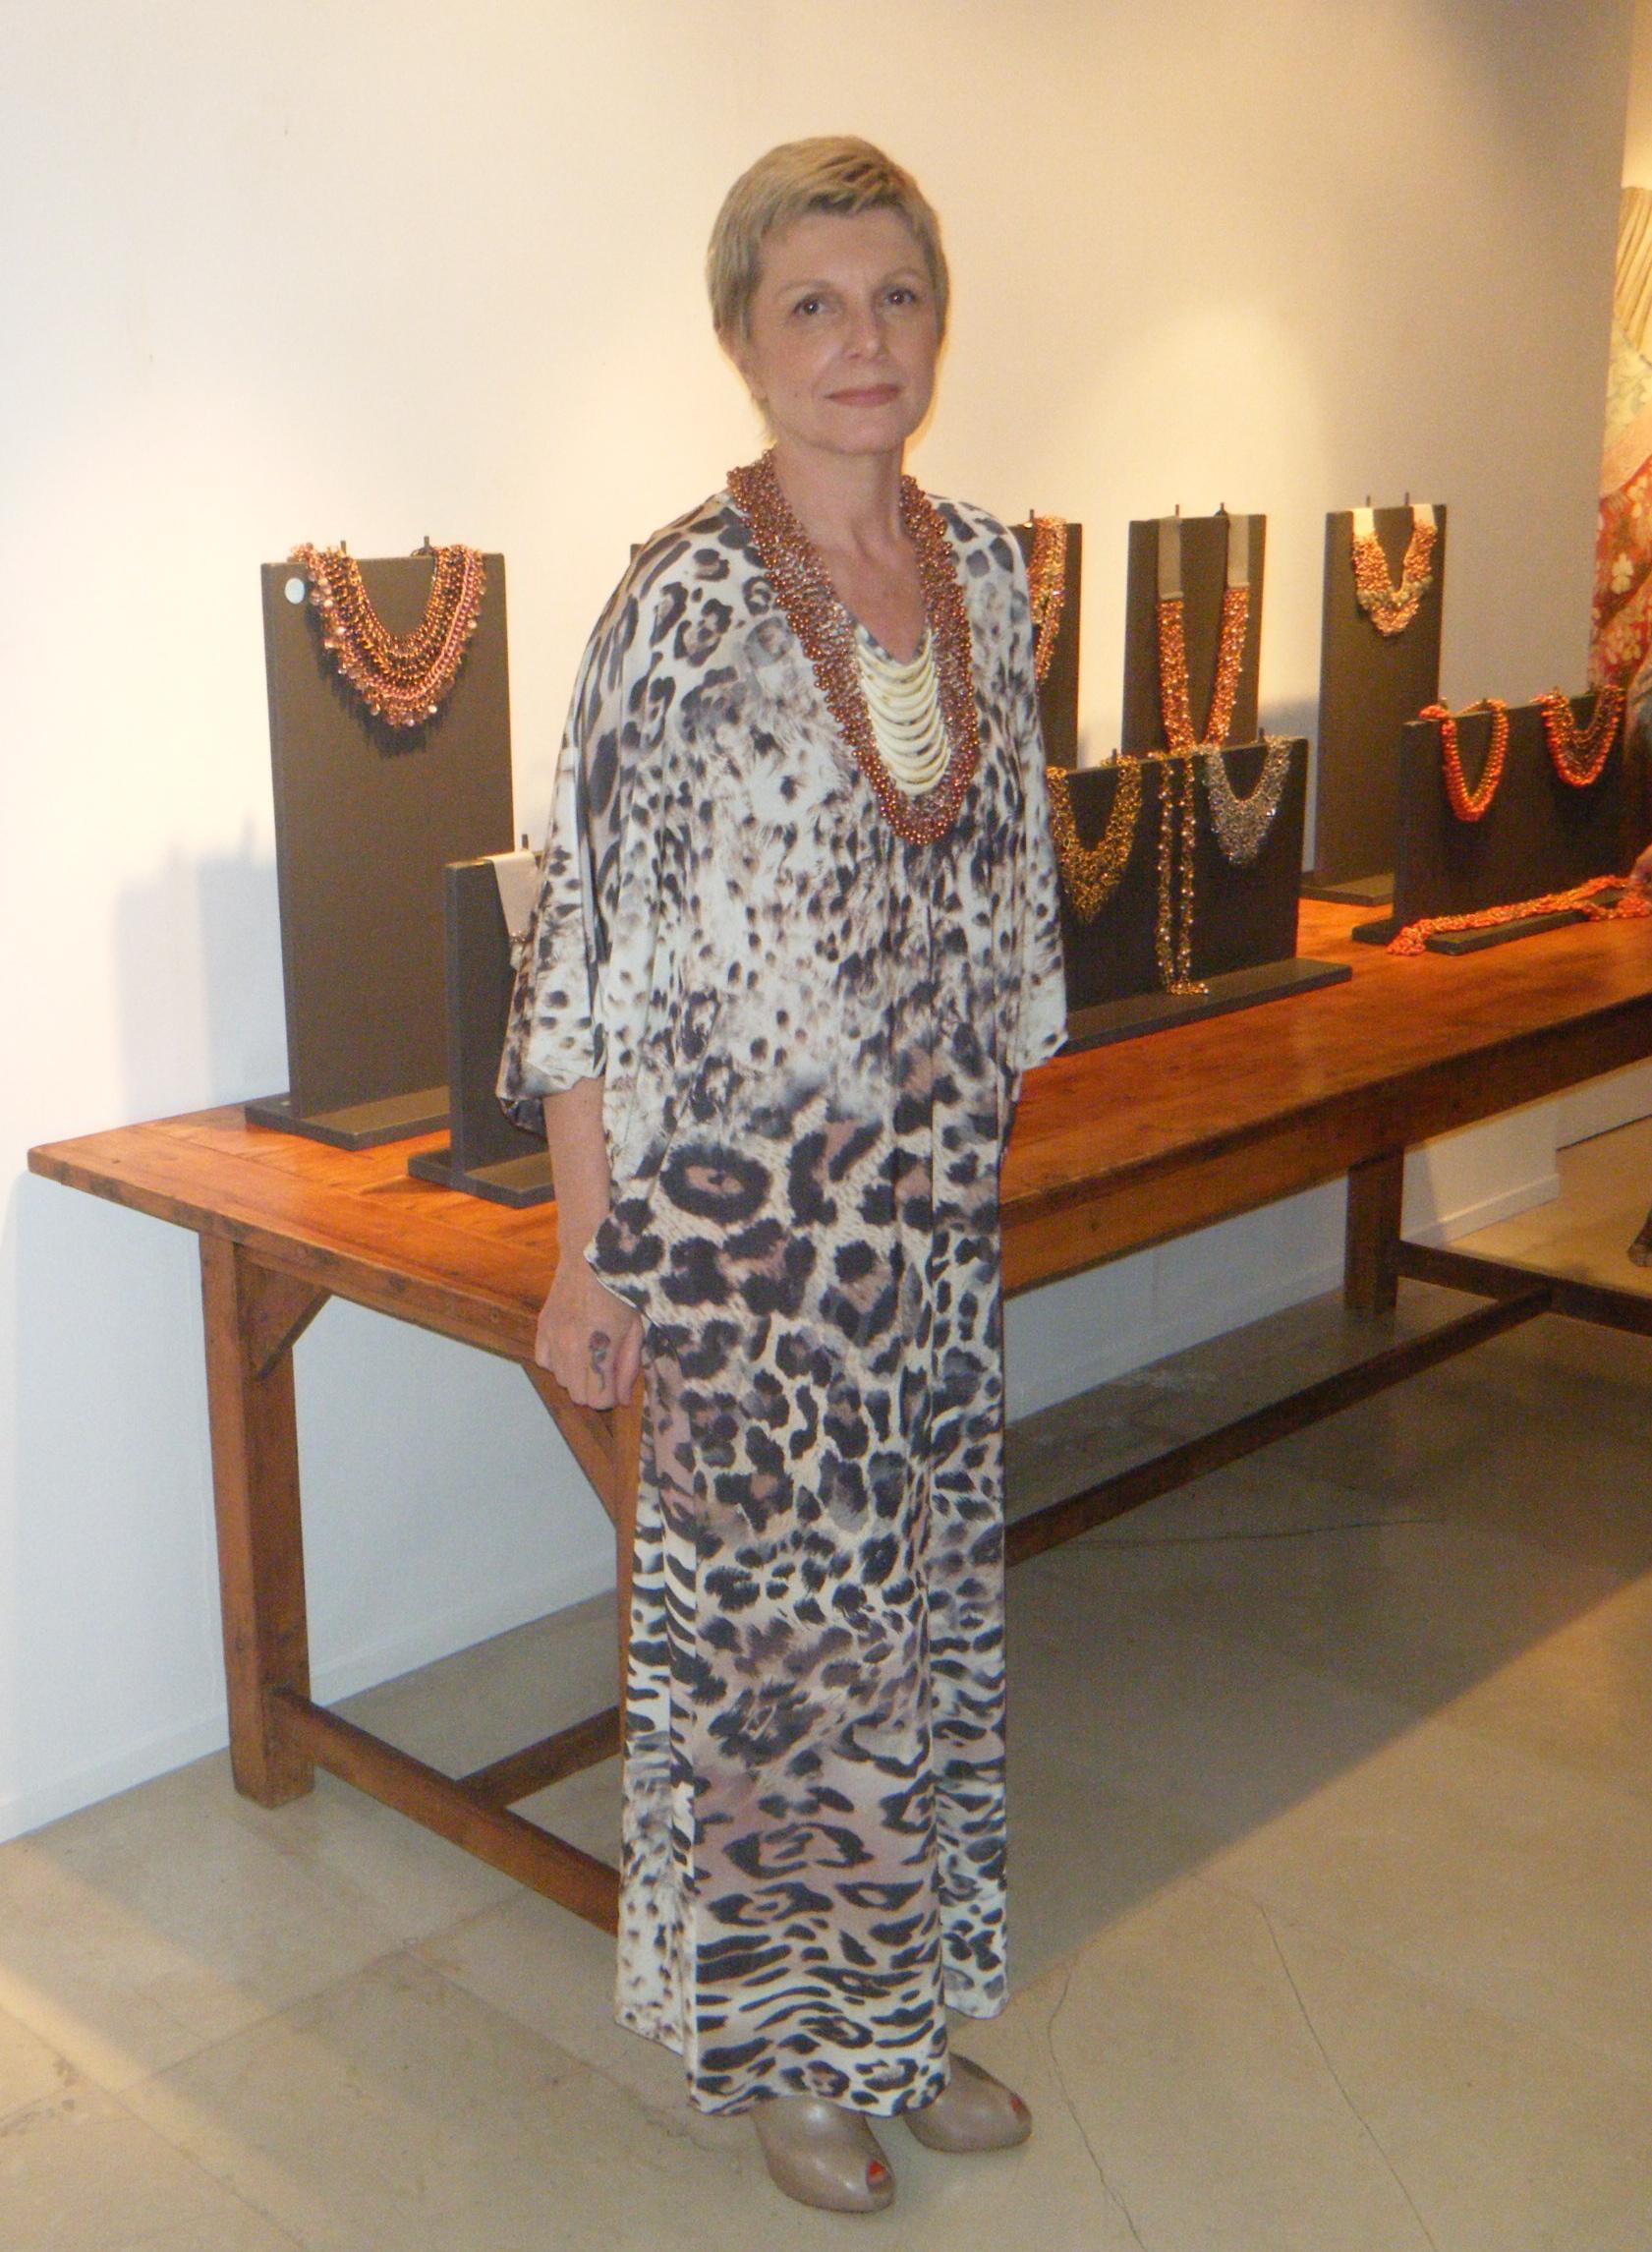 Maria Mastori and her Jewelry